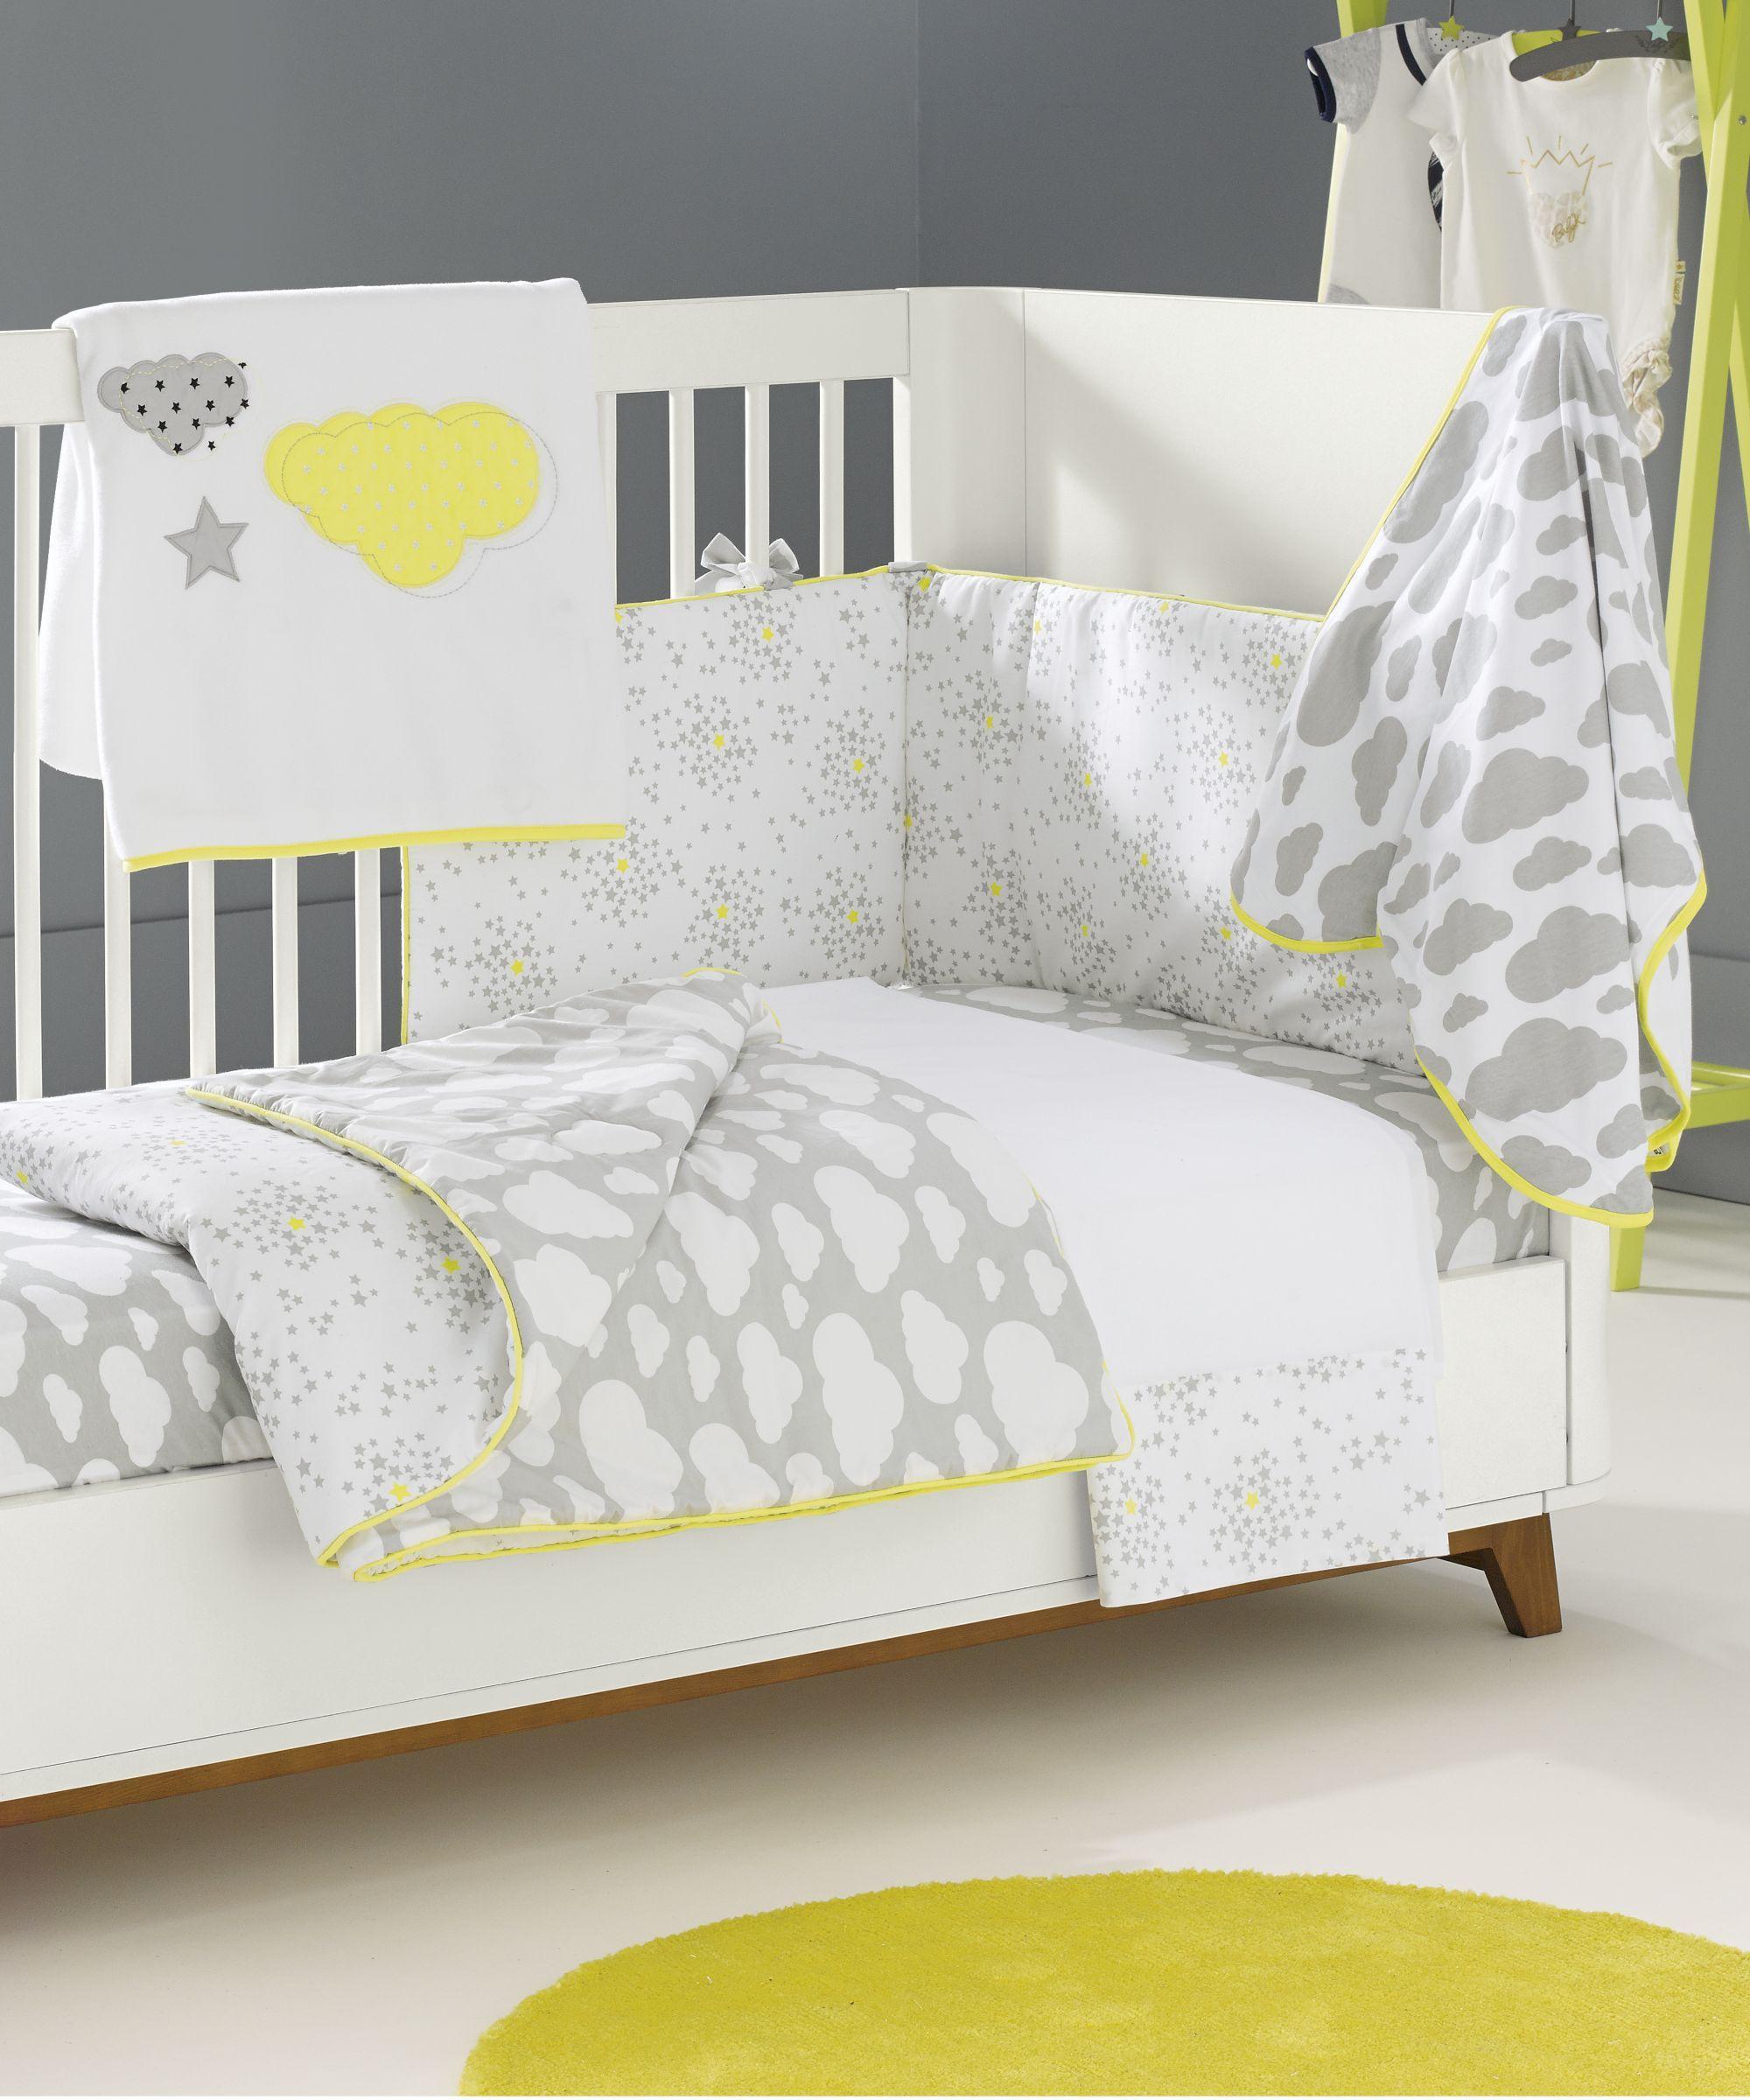 Mothercare Baby K Bedding Collection | Tour de lit bébé ...